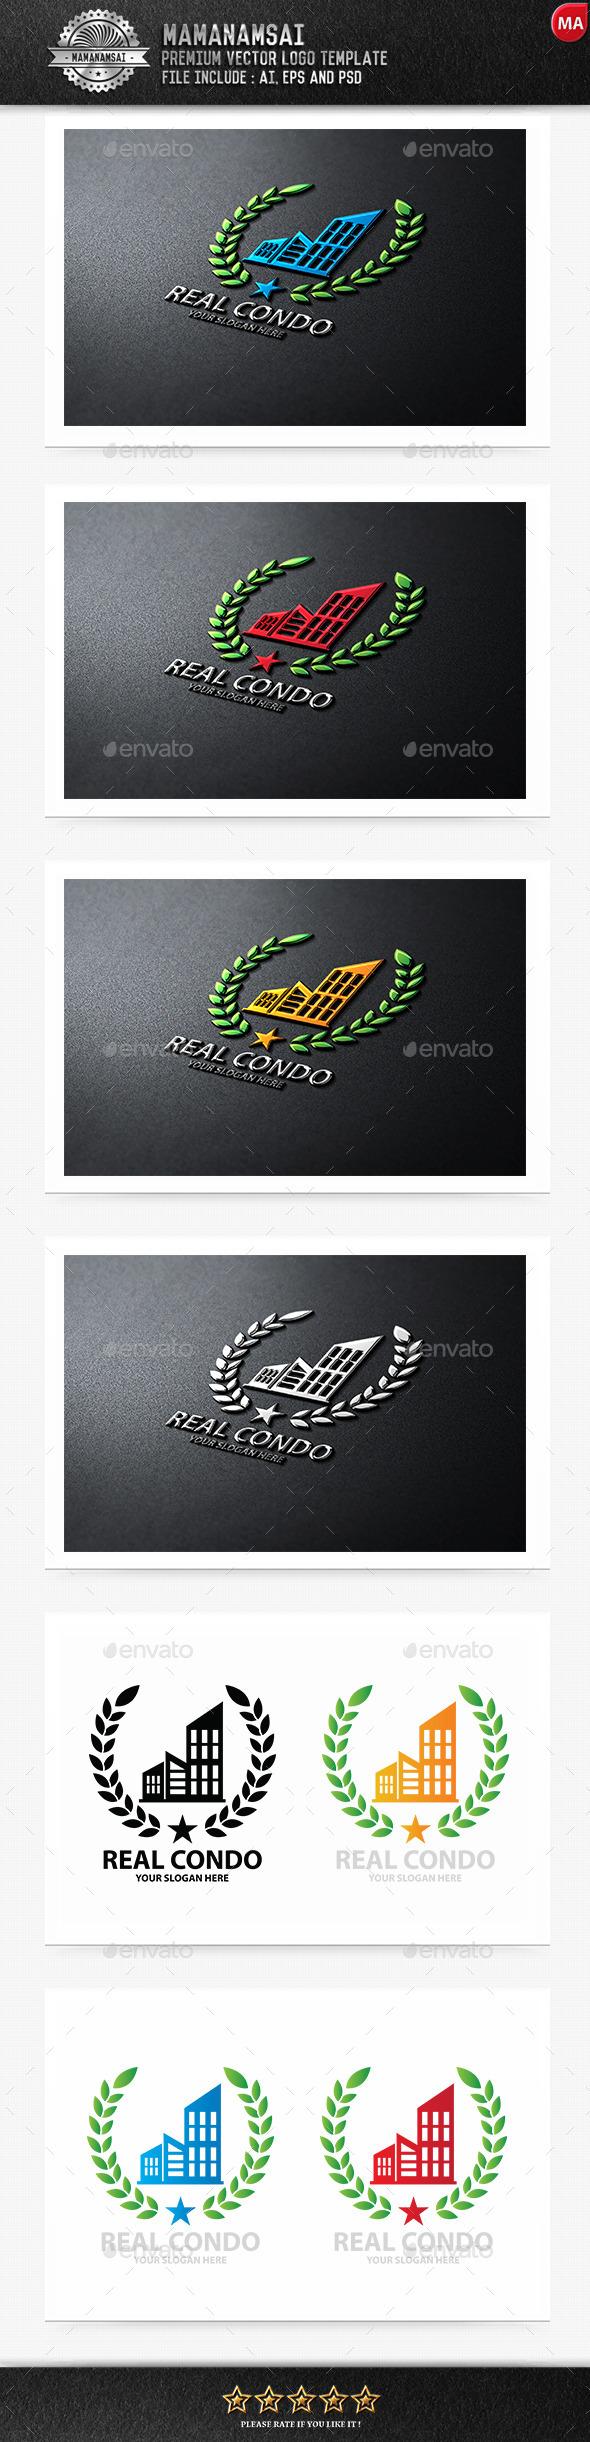 Real Condo Logo - Logo Templates